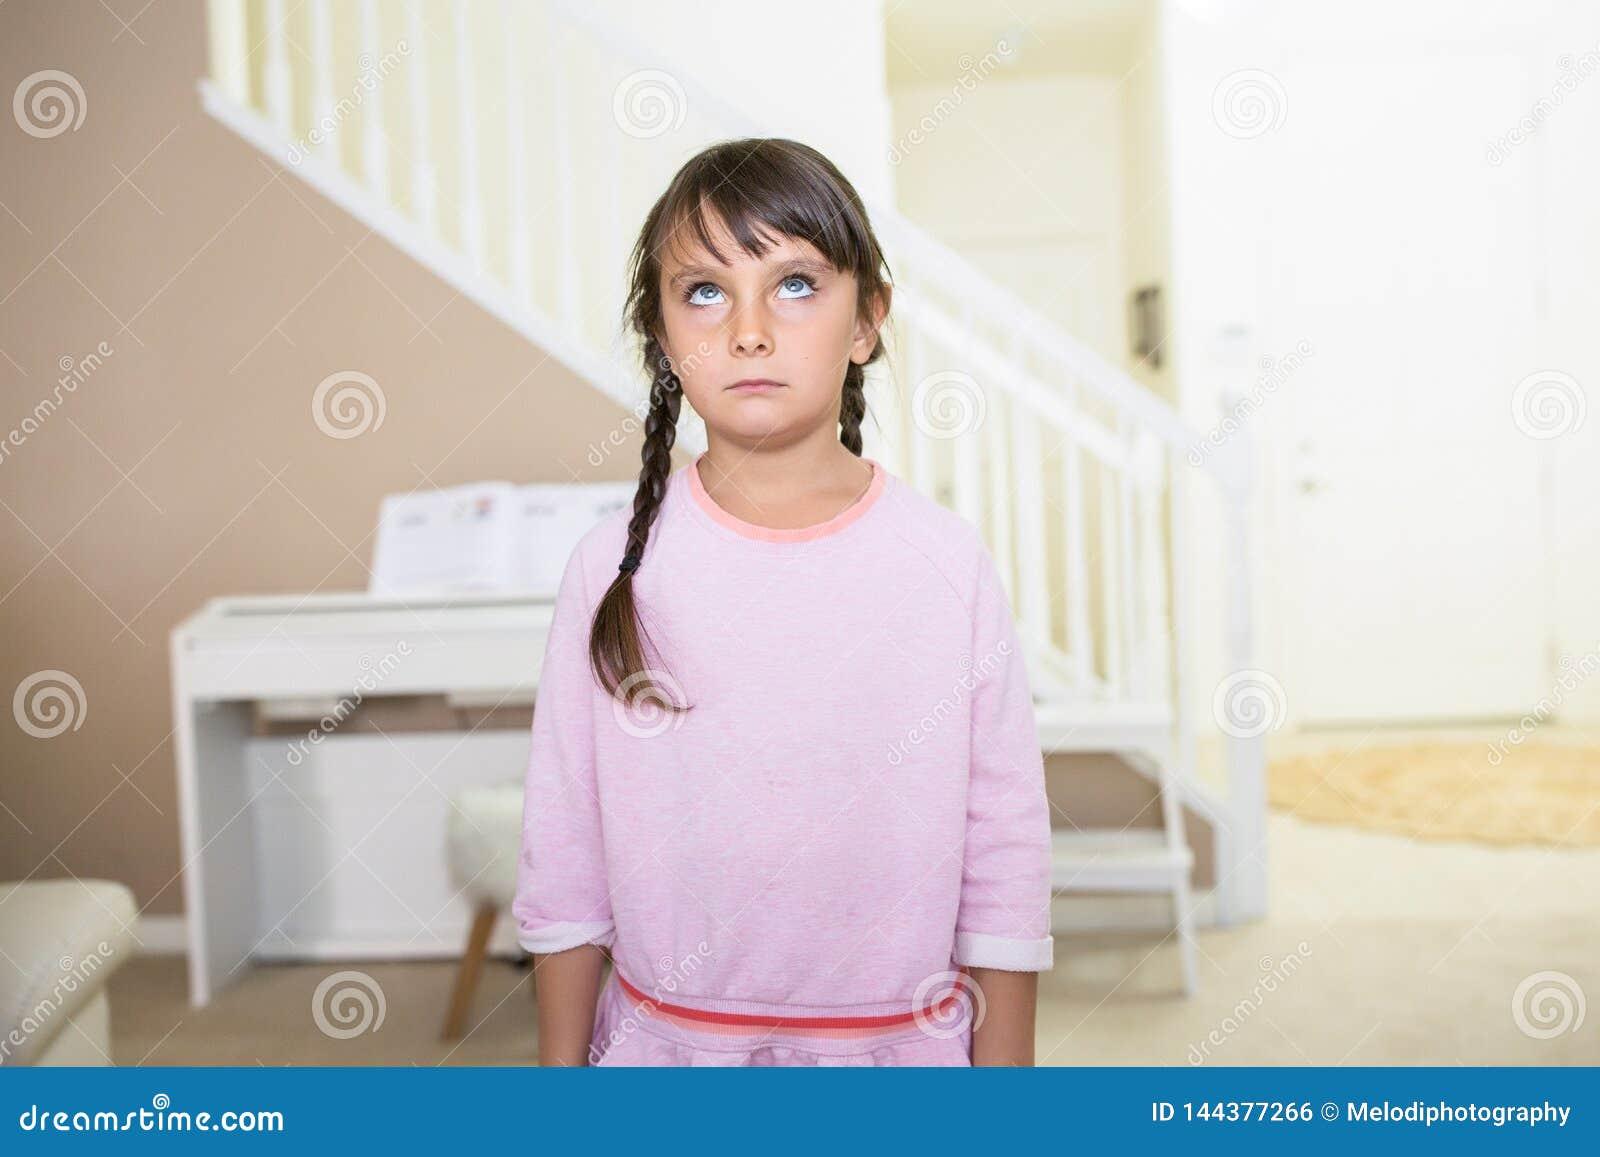 Flicka med ett tomt uttryck